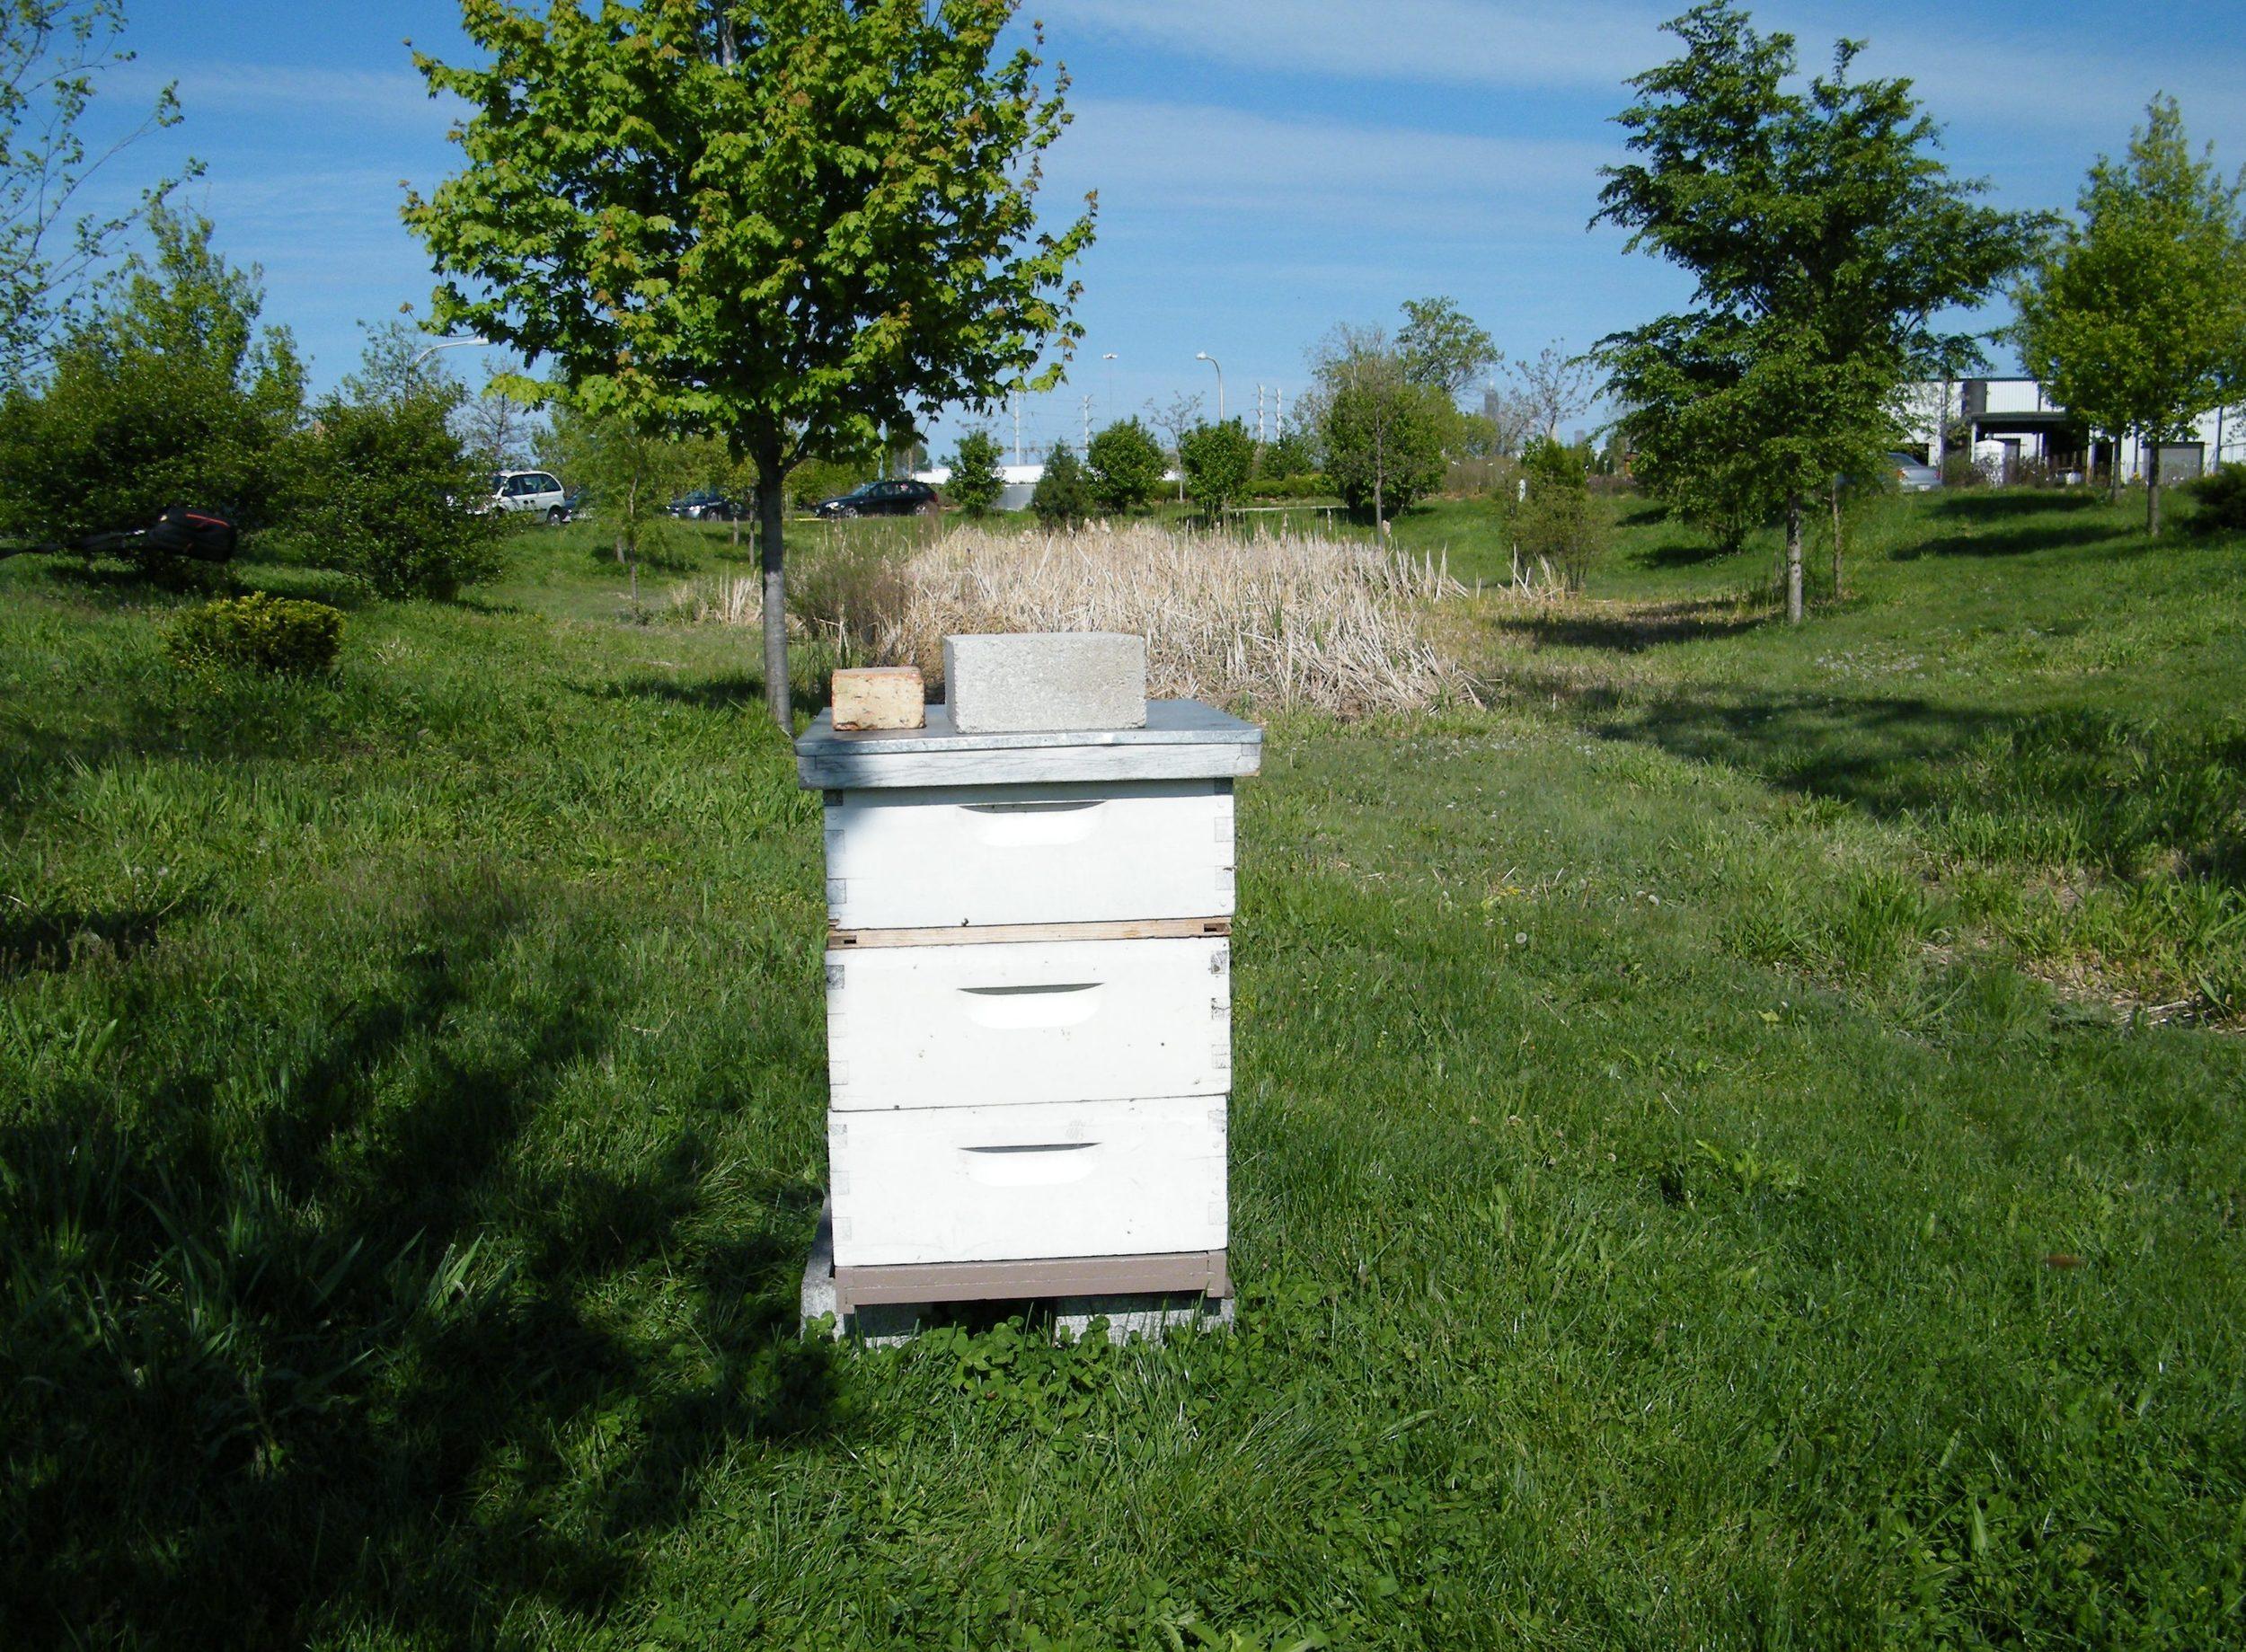 hive in sunlight.jpg